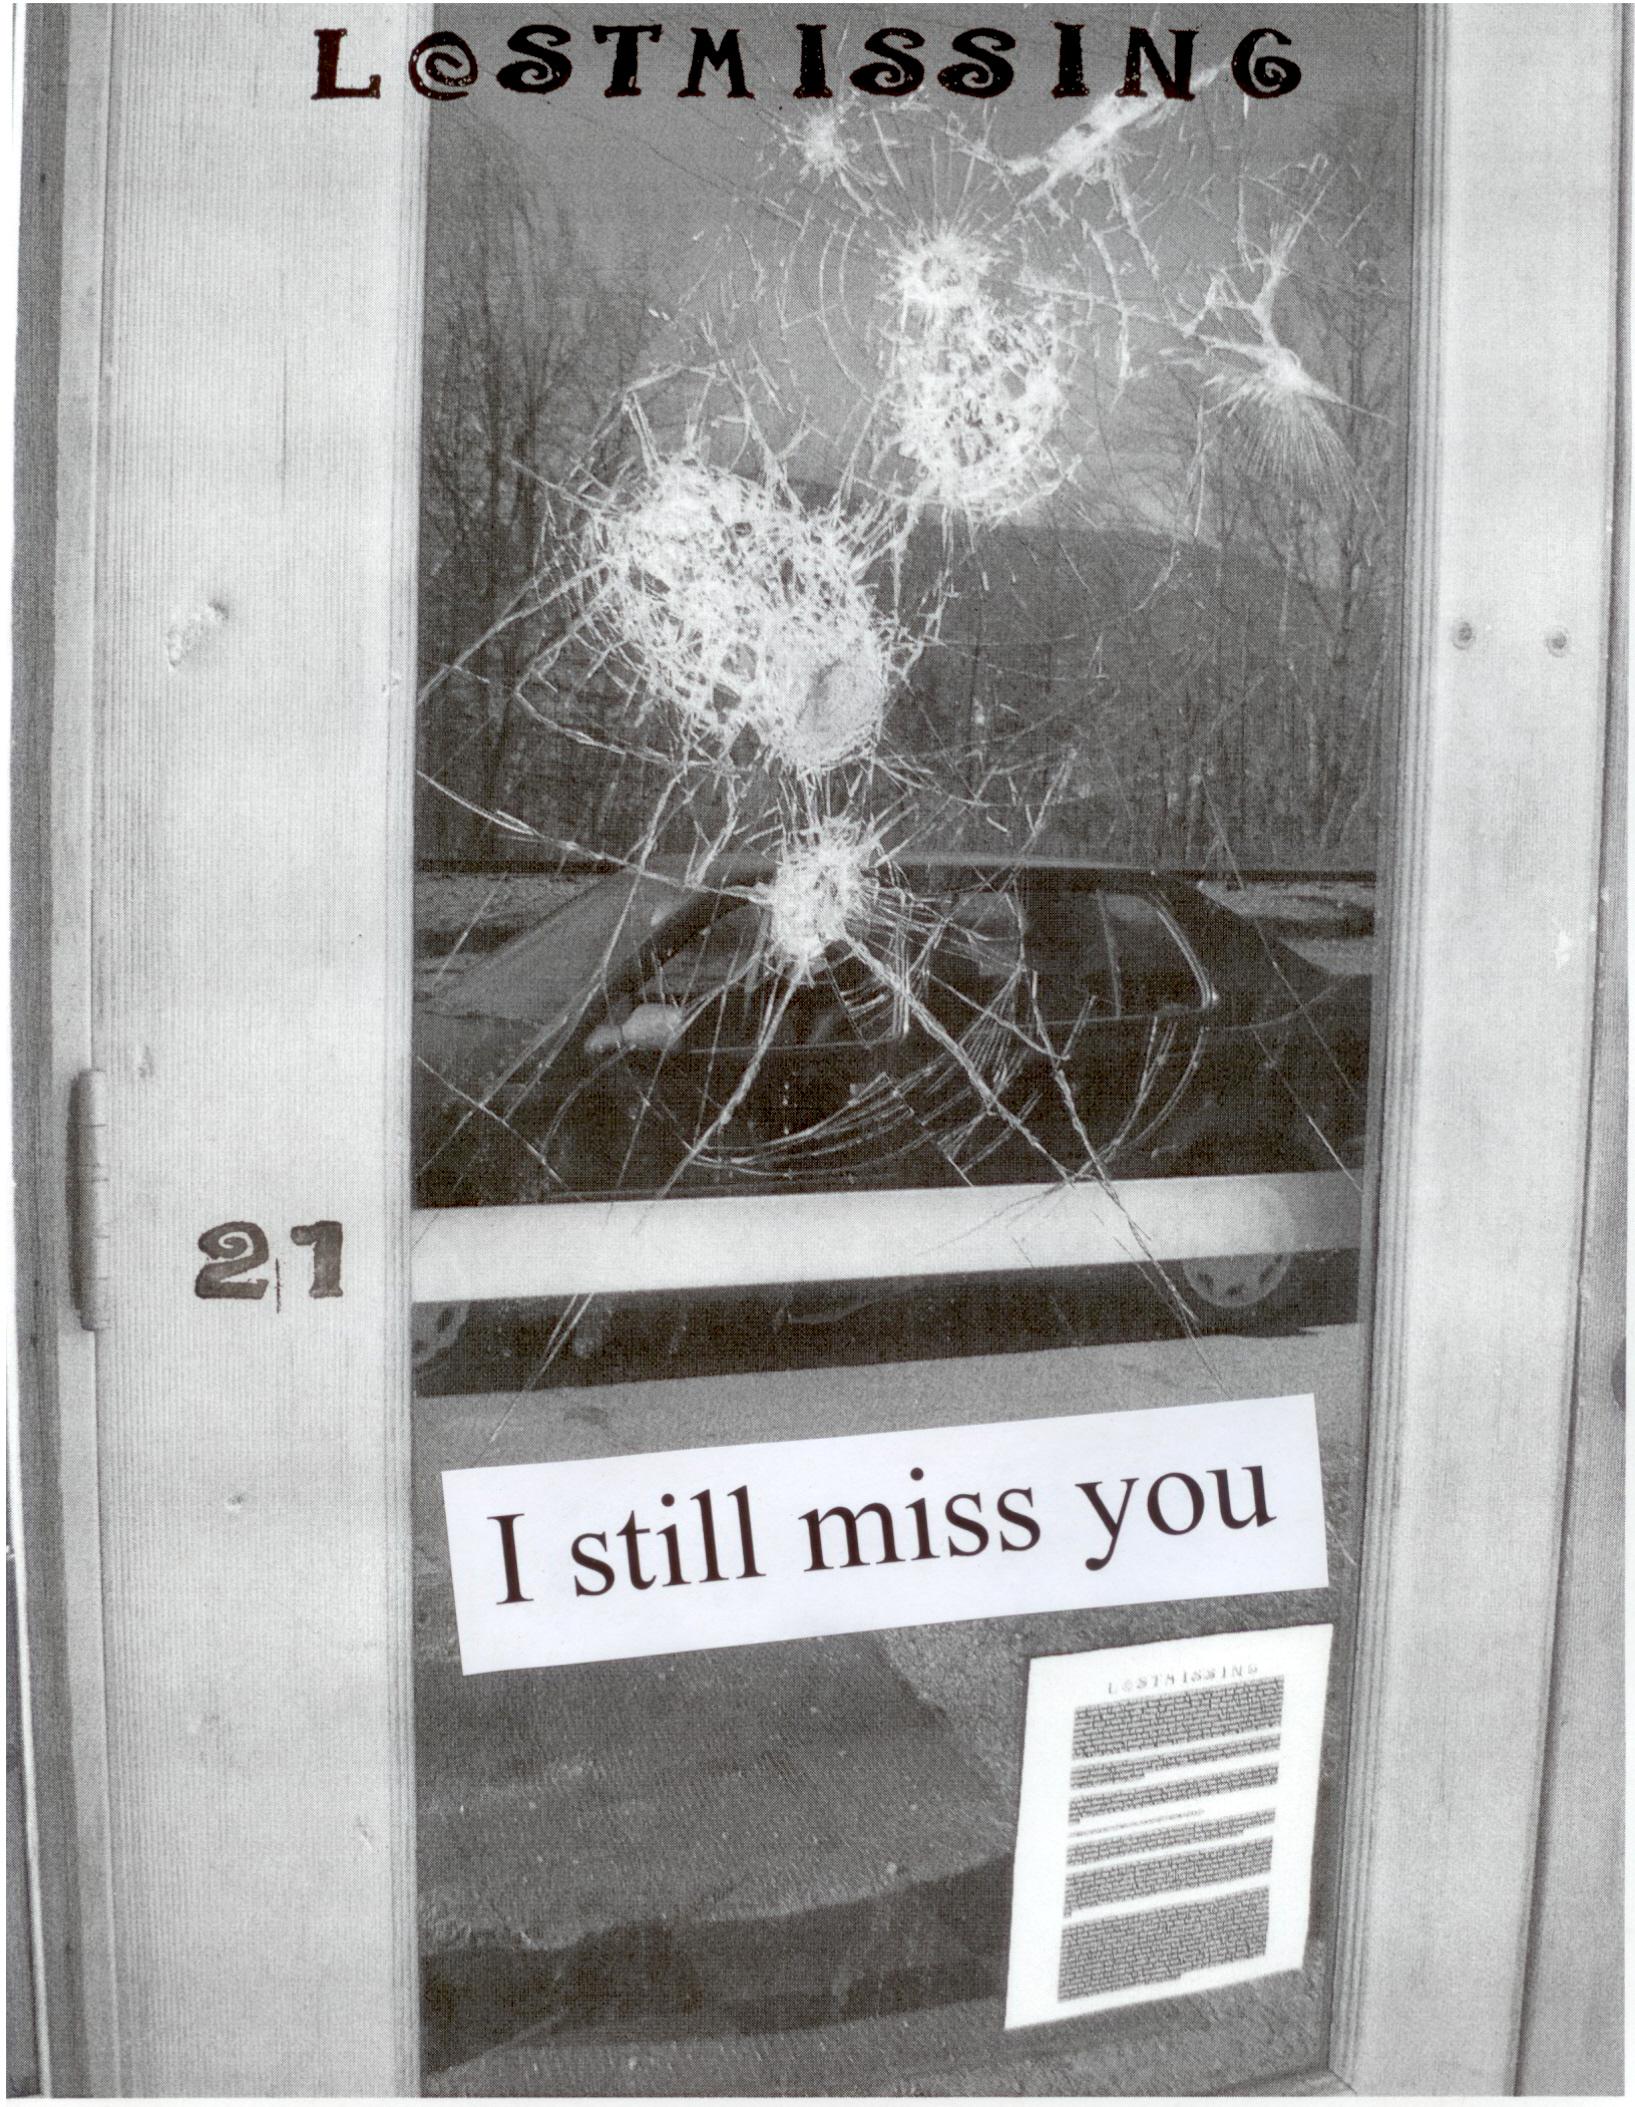 lostmissing #21.jpg